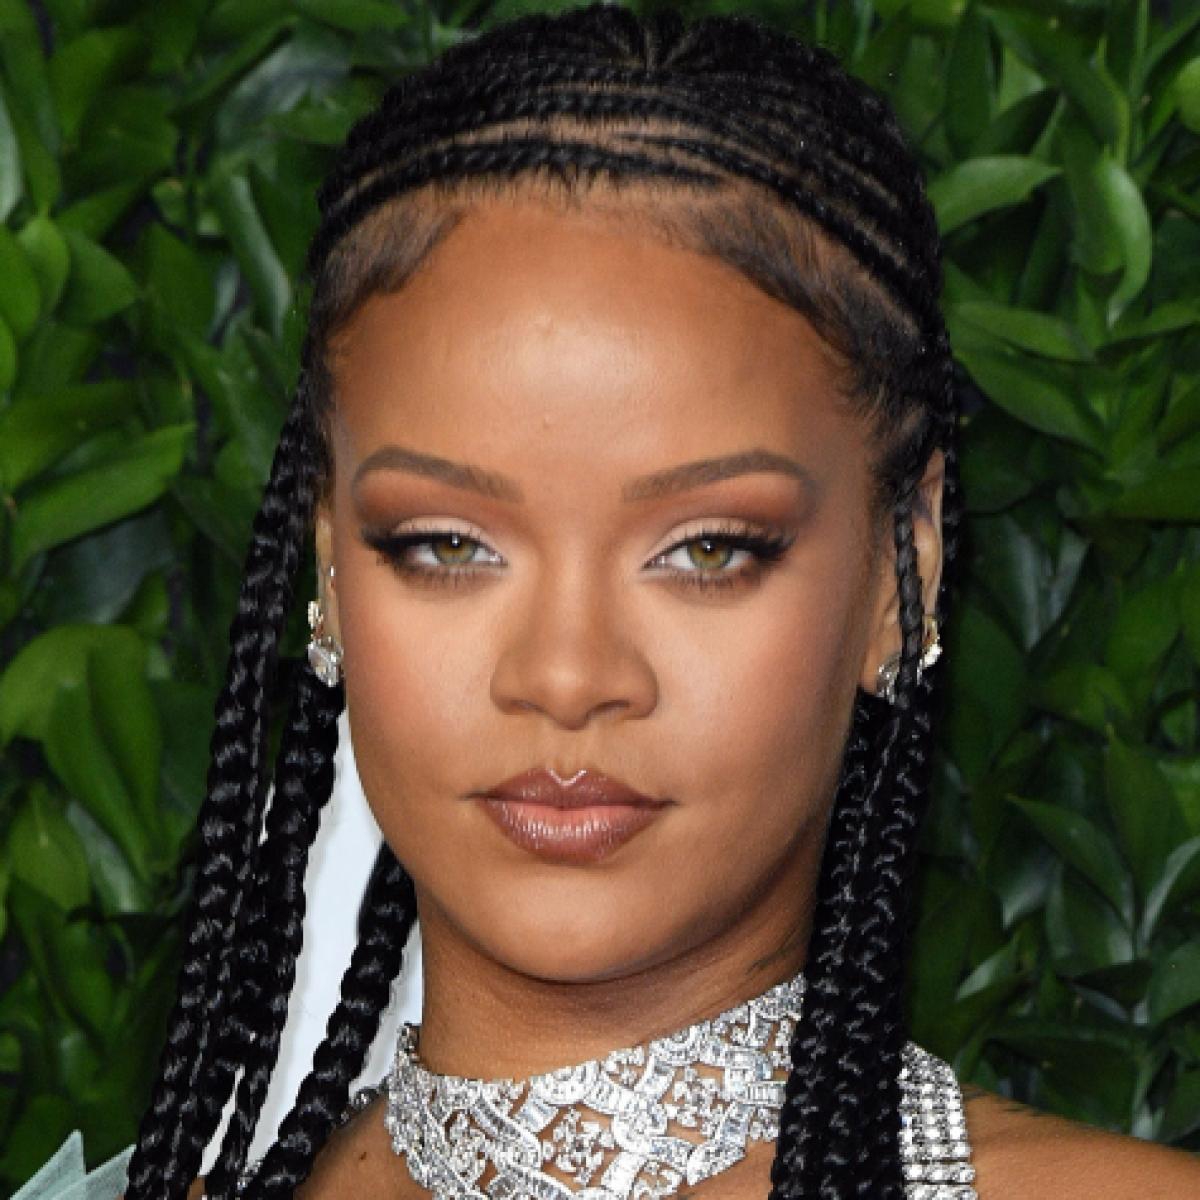 Watch Rihanna Create The Perfect 'No Makeup' Makeup Look